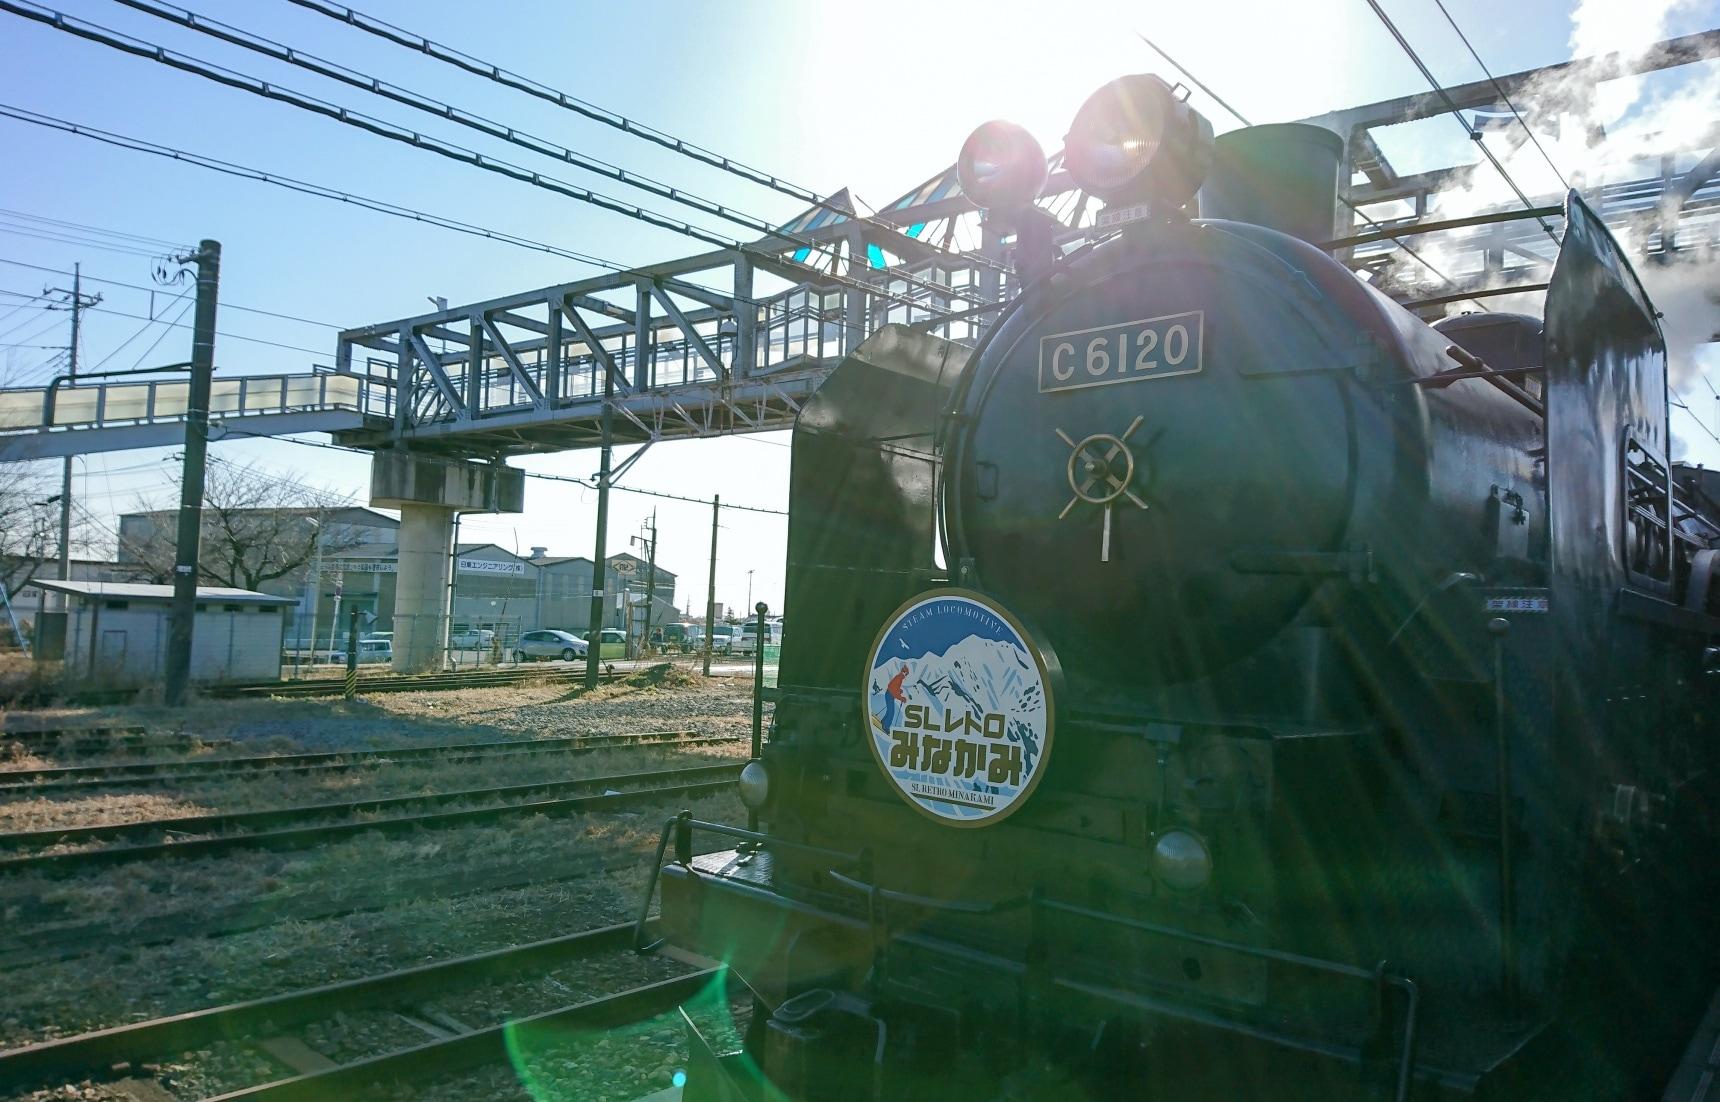 跟著鳴笛聲來趟時光旅行!坐上復古蒸氣火車「SL水上號」遊群馬